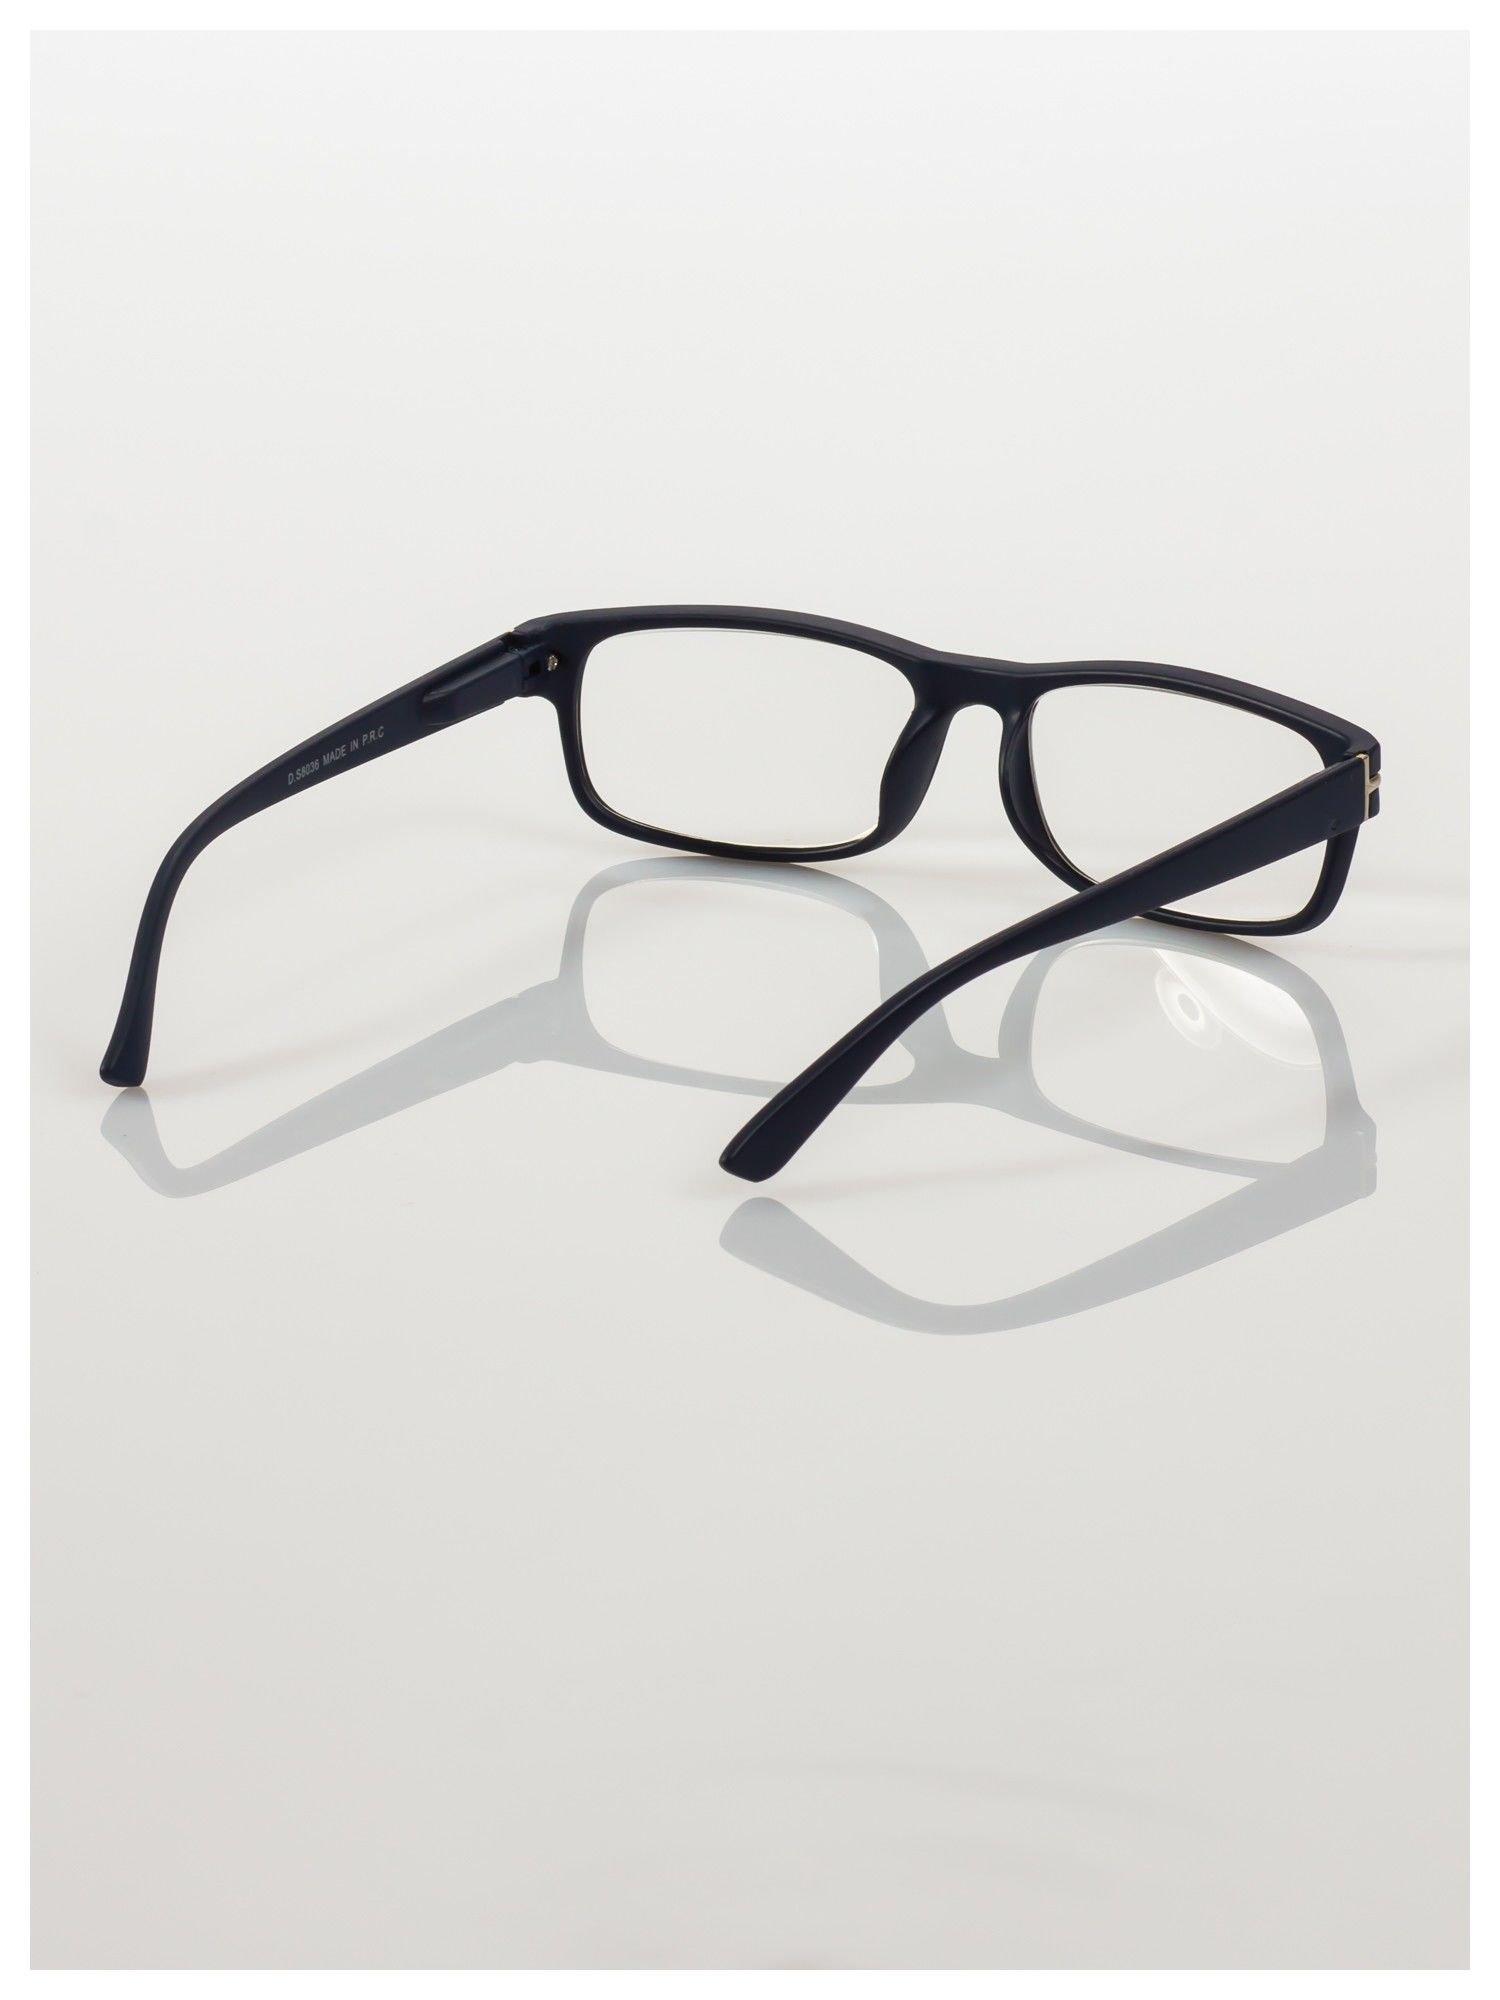 Eleganckie czarne matowe korekcyjne okulary do czytania +1.0 D  z sytemem FLEX na zausznikach                                  zdj.                                  4